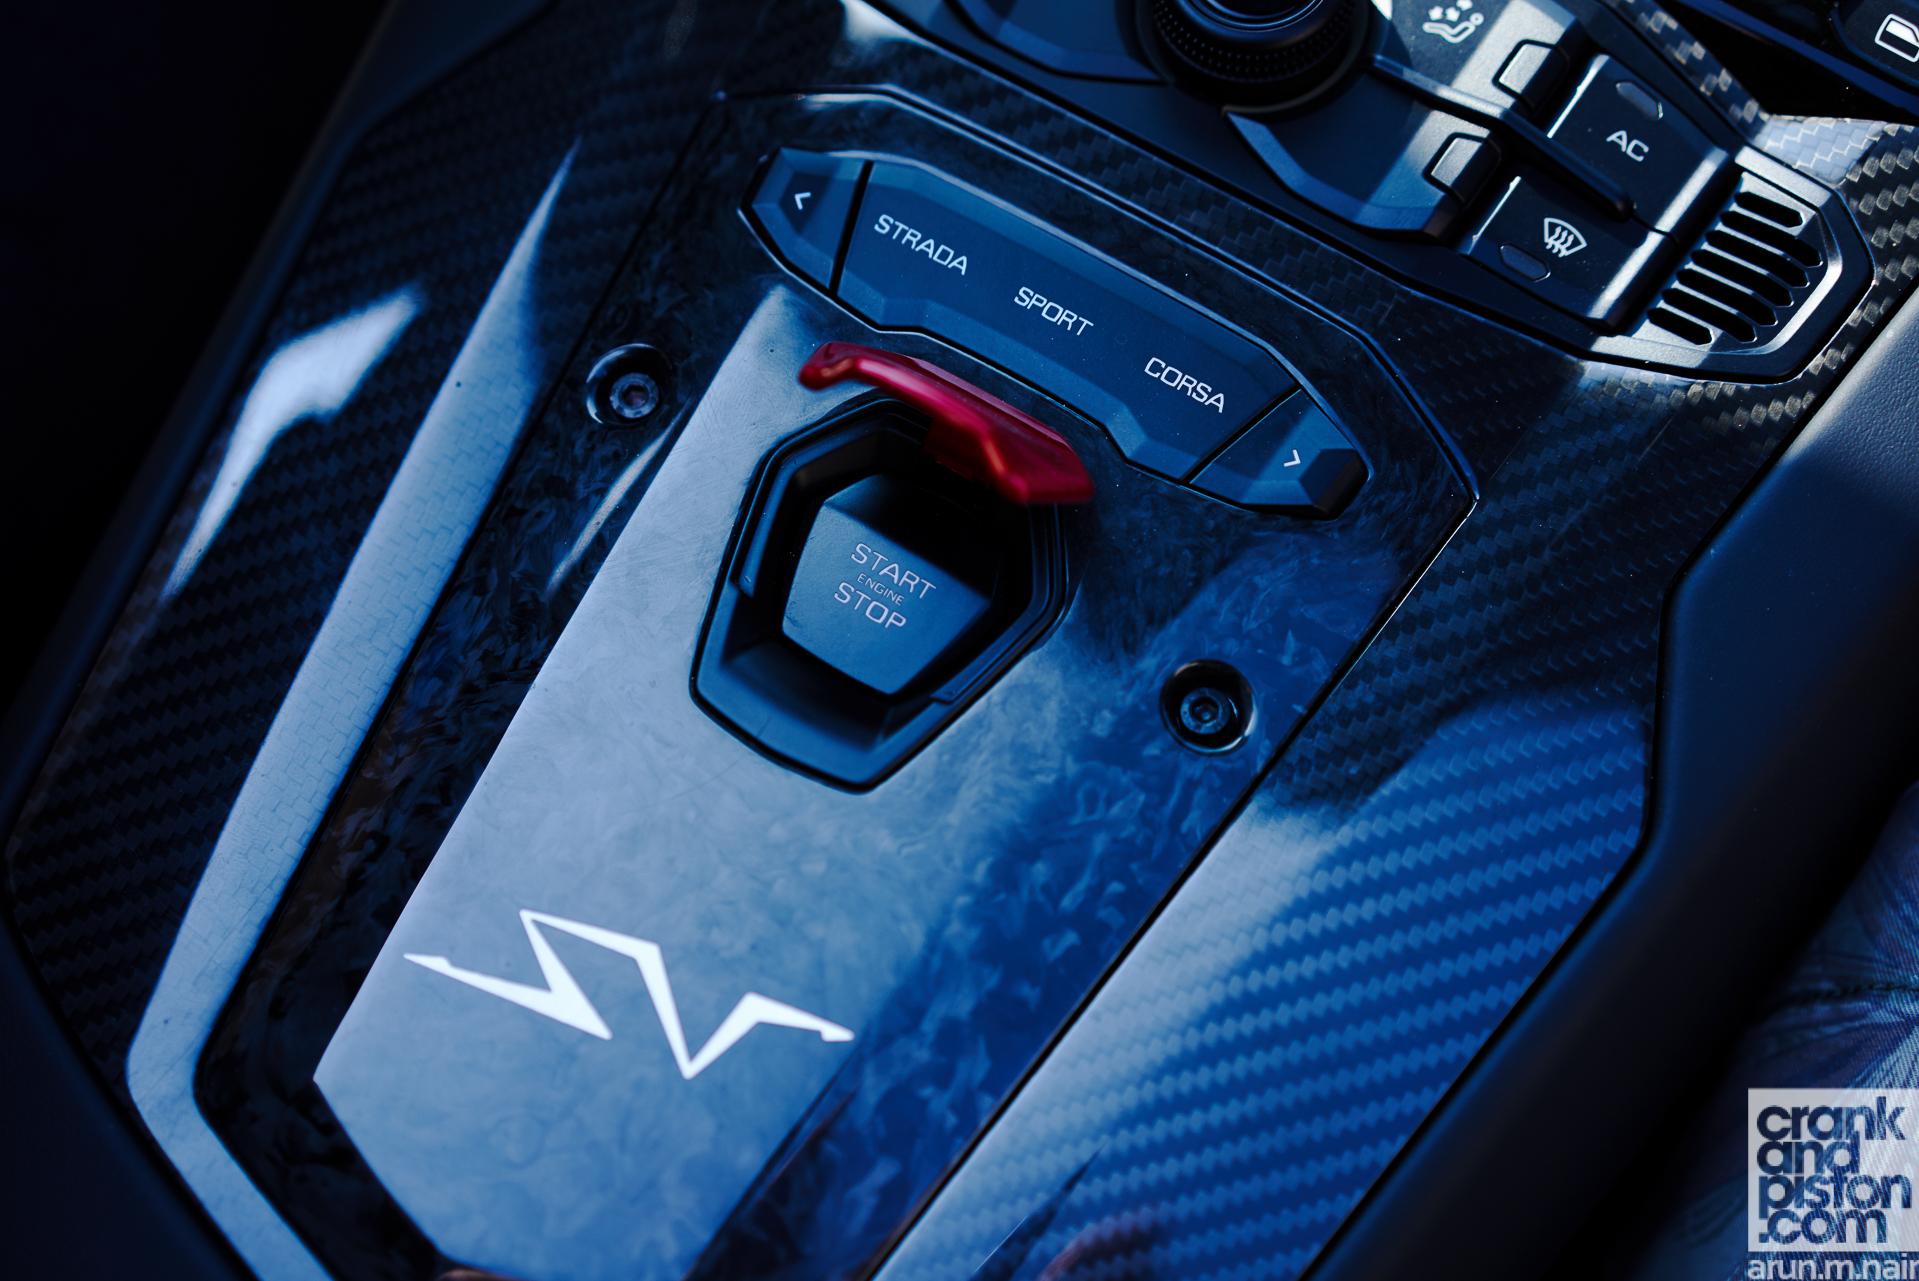 Lamborghini Aventador SV Roadster WALLPAPERS crankandpiston-6